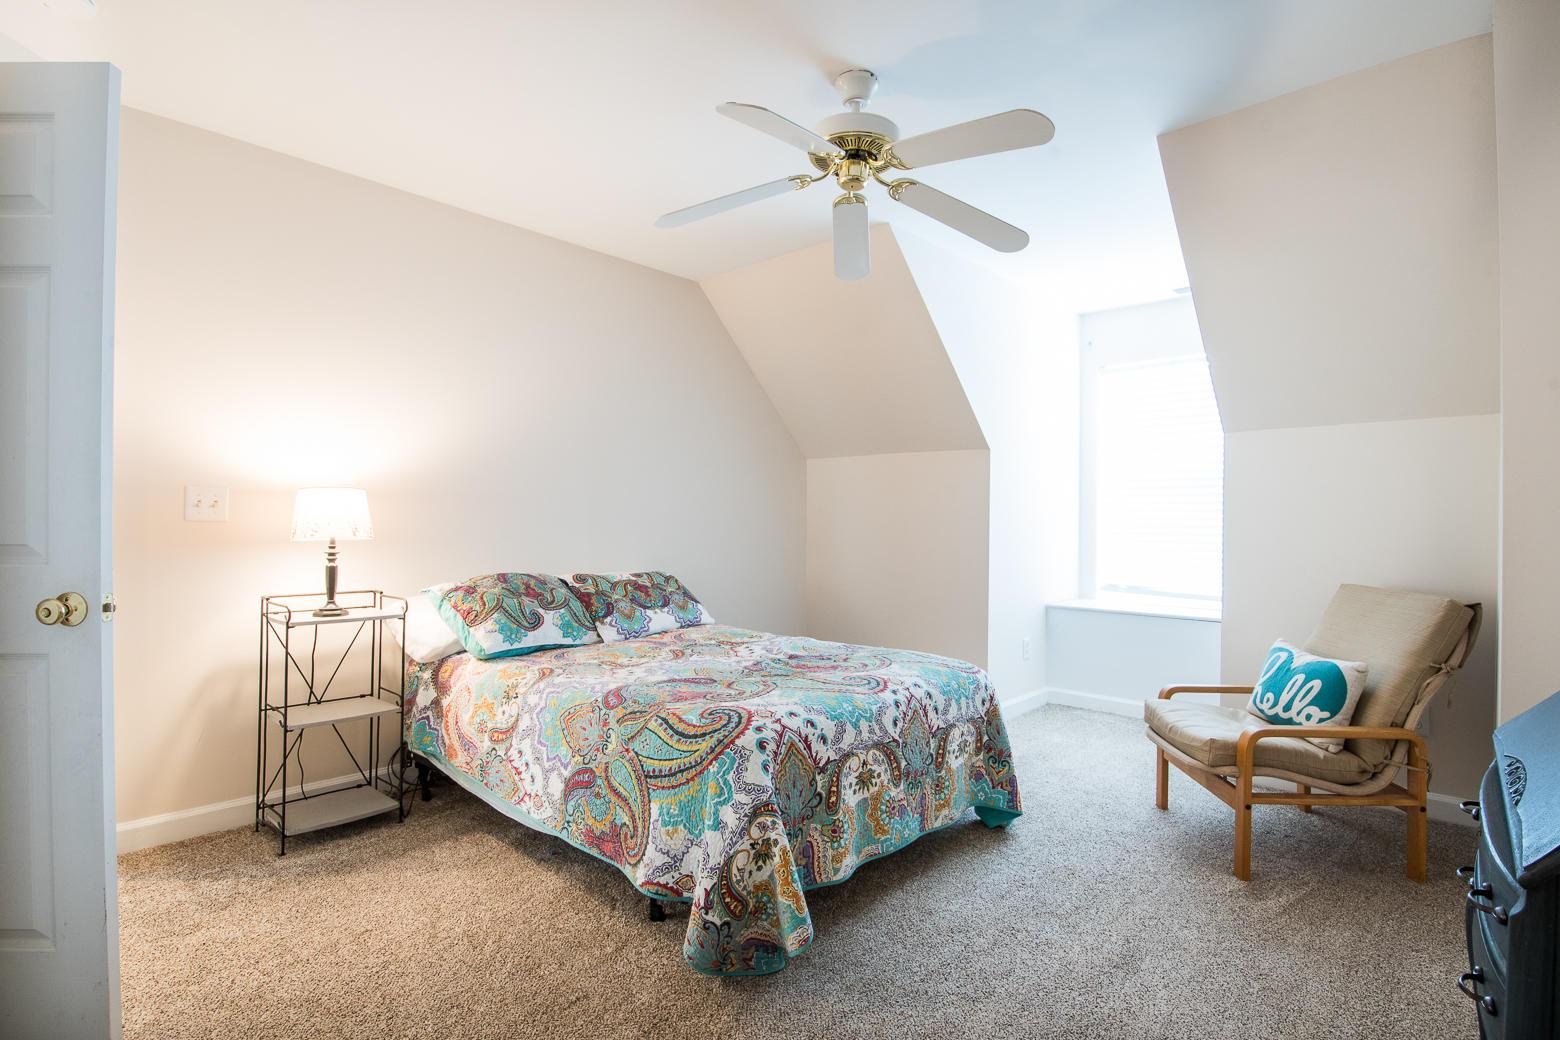 Dunes West Homes For Sale - 1111 Black Rush, Mount Pleasant, SC - 37